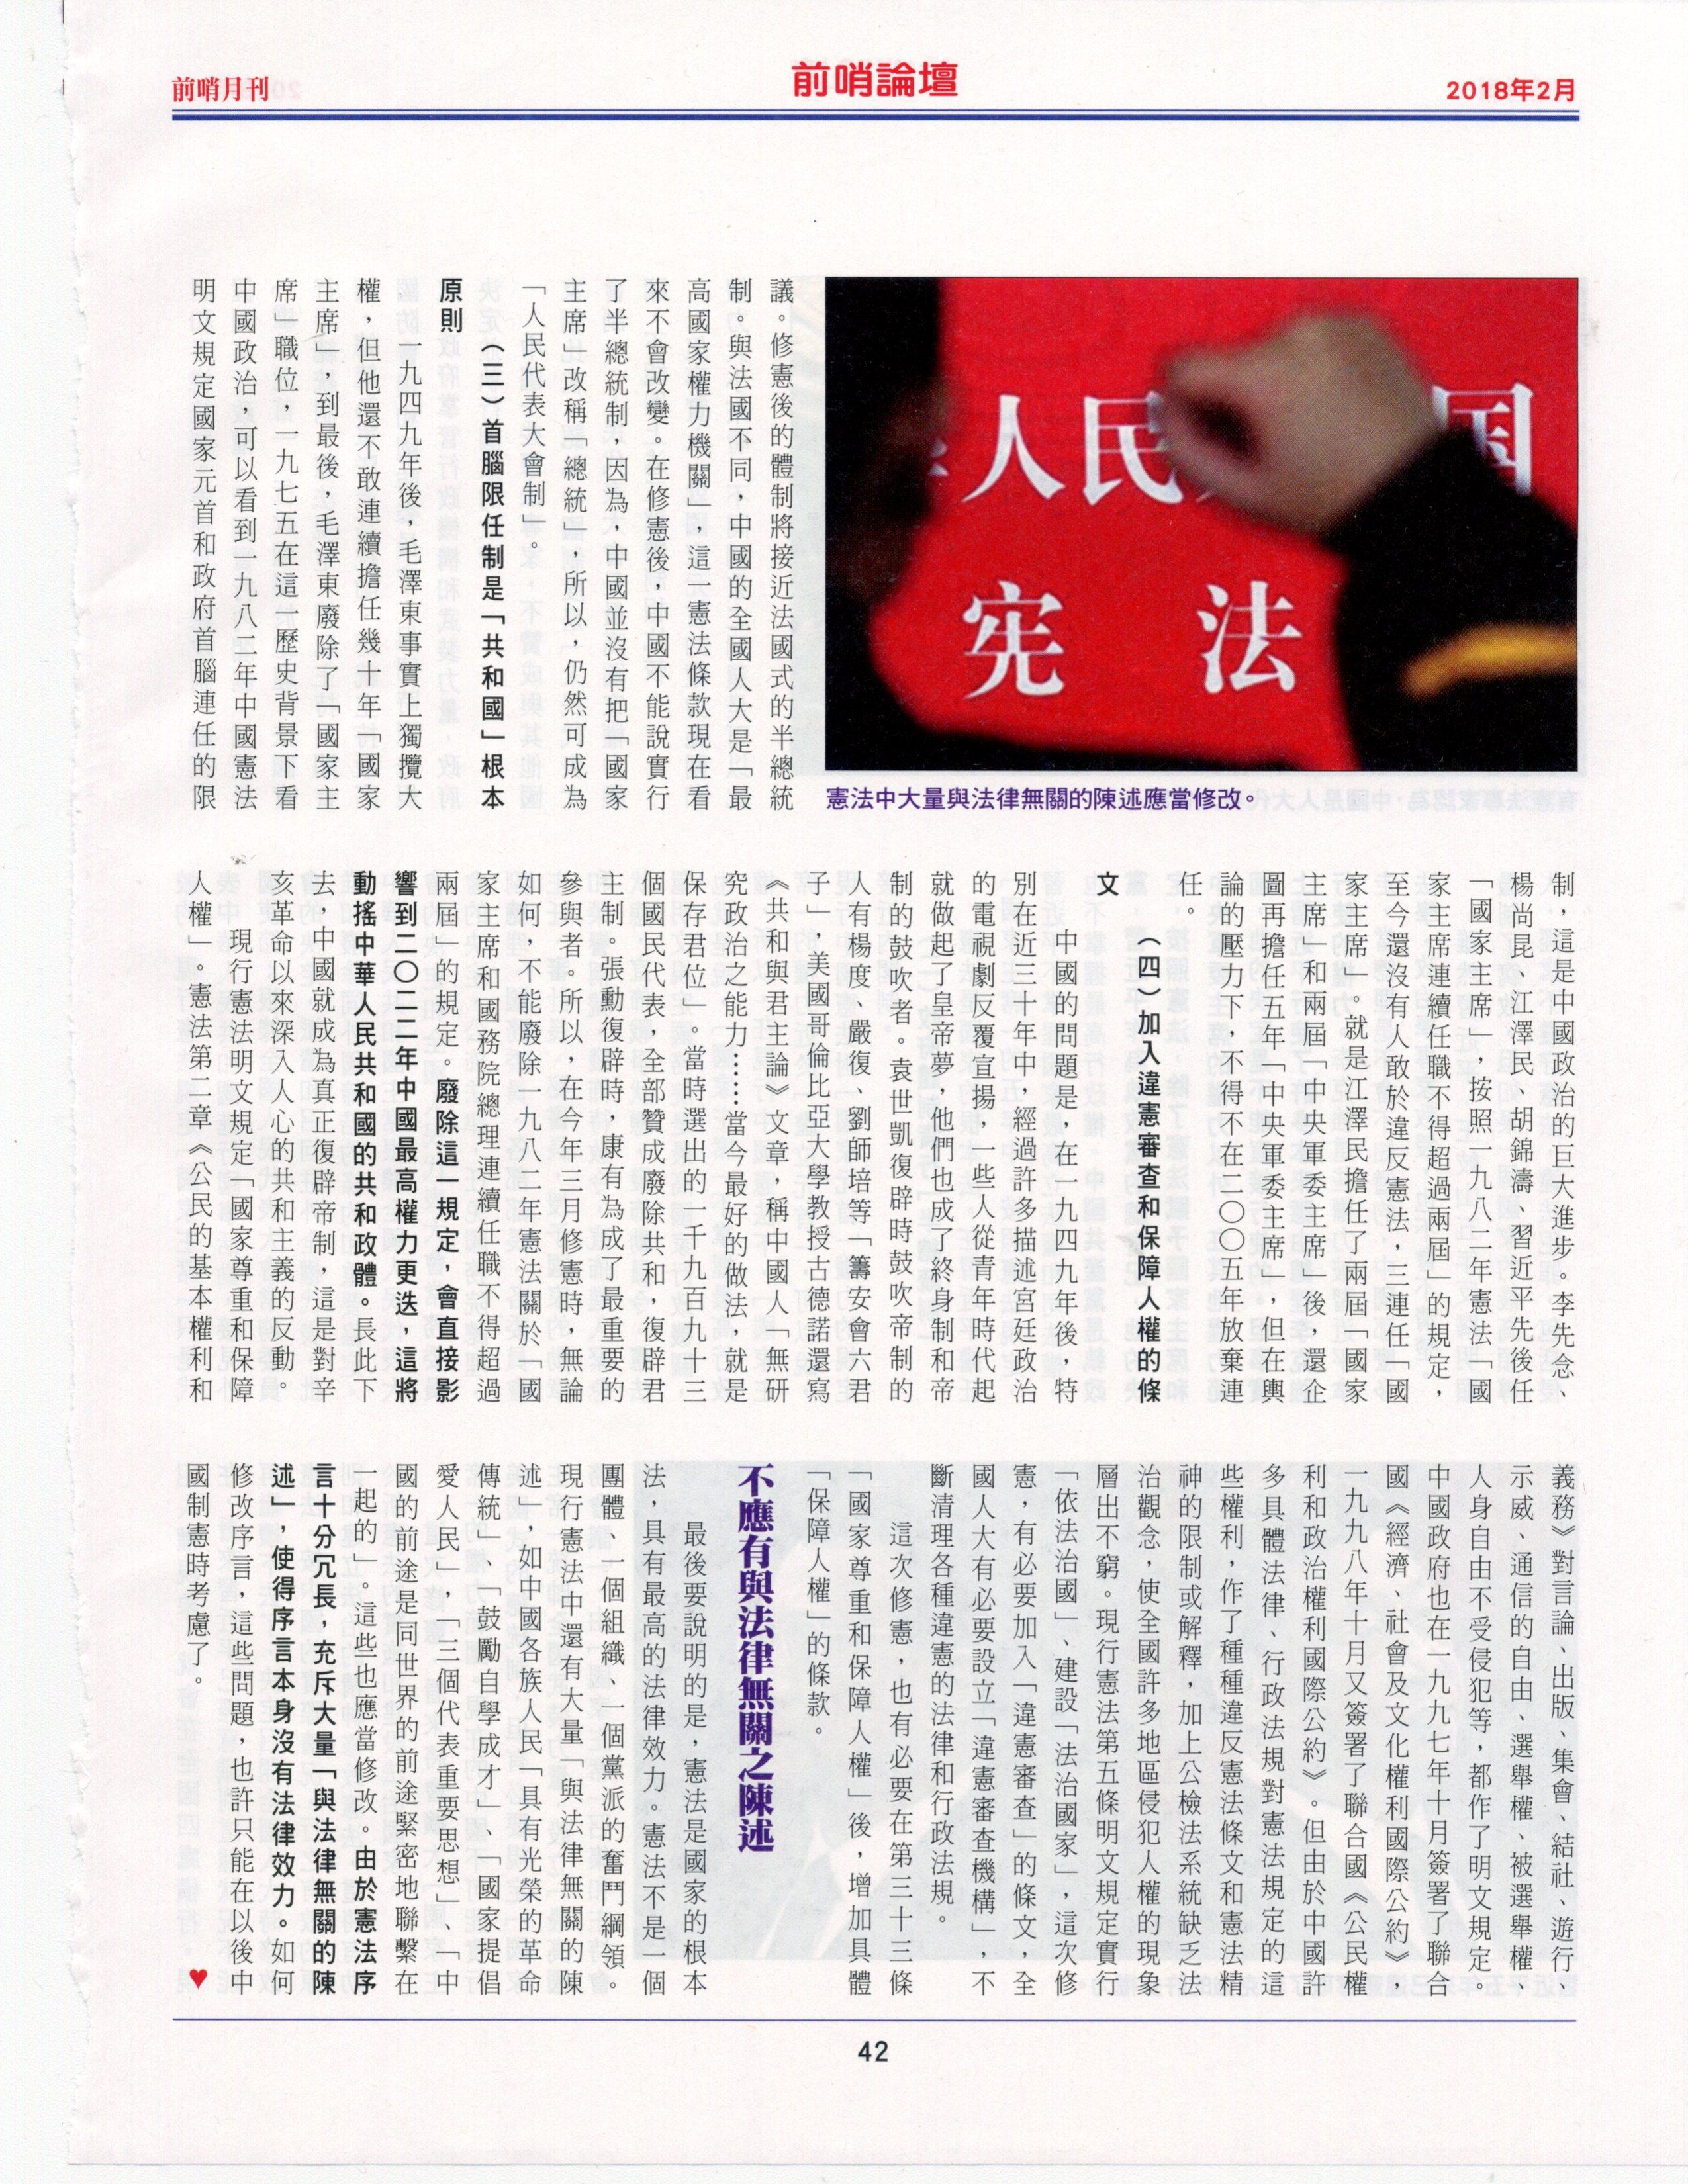 中国修宪面临四大问题